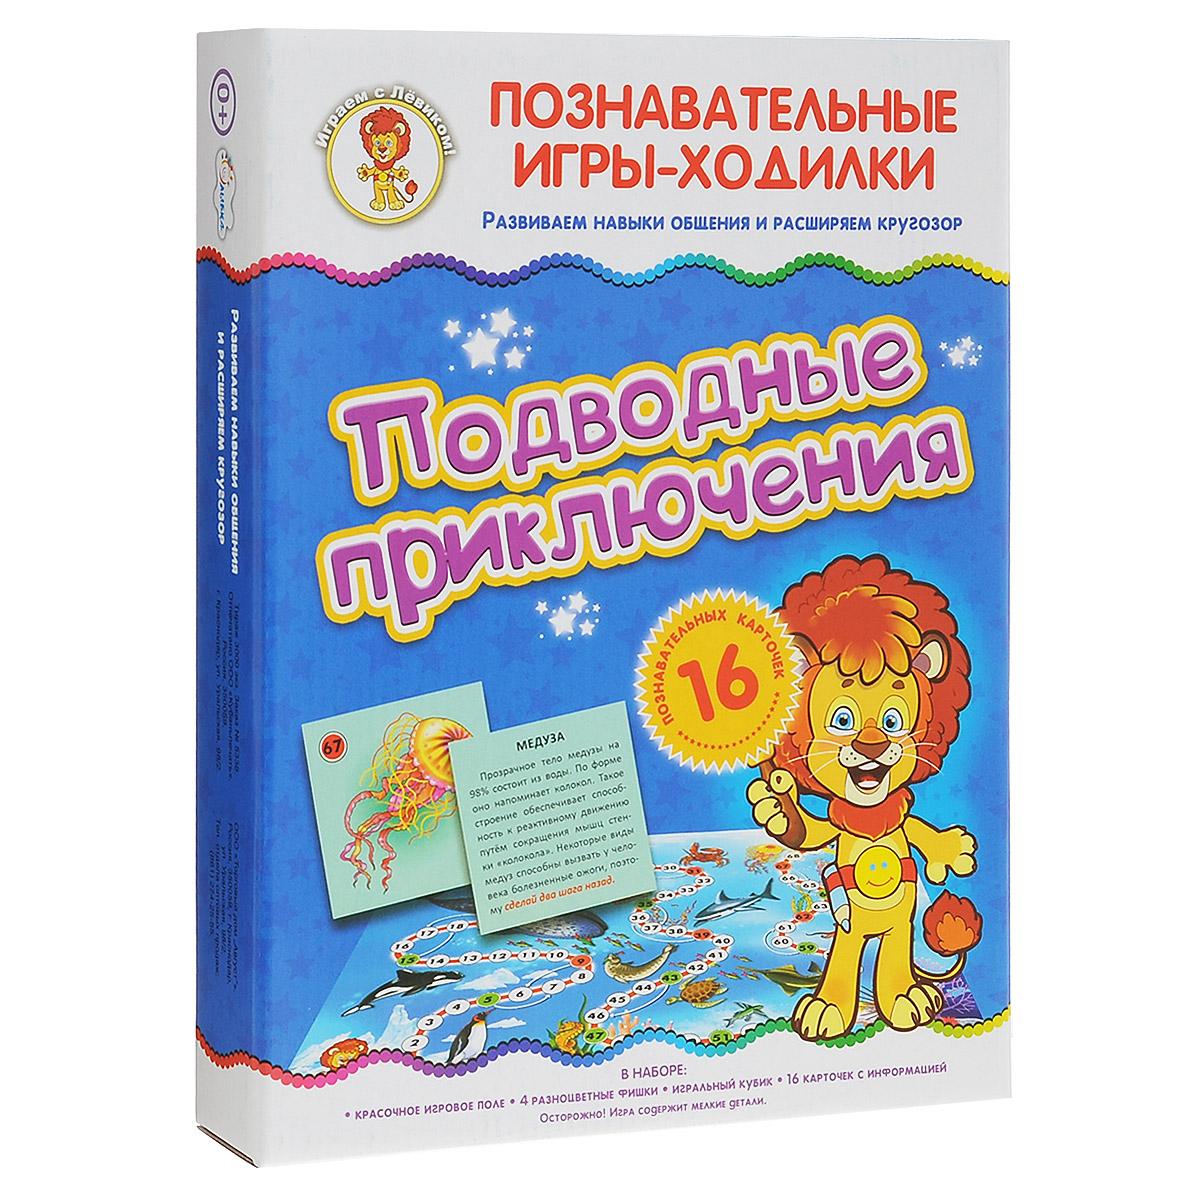 Настольная игра-ходилка Улыбка Подводные приключения4607929341748Настольная игра-ходилка Улыбка Подводные приключения в занимательной форме расскажет ребятам об обитателях подводного мира. В игровой набор входит: красочное игровое поле, 4 разноцветные фишки, игральный кубик, 16 карточек с информацией. Внимание ребенка привлекают карточки с интересной информацией и заданиями, выполняя которые, игроки совершают увлекательное путешествие по игровому полю. В процессе игры участники познакомятся с самыми известными обитателями океанов и морей: акулой, китом, медузой, скатом и даже рыбой-попугаем. Одни животные помогут путешественнику, а другие могут задержать его в пути. Победит тот, кто первым сможет пересечь океан и дойдет до финиша. В игре могут принимать участие 2-4 человека. Благодаря настольной игре Подводные приключения, ваш ребенок знакомится с окружающим миром, формирует навыки общения со взрослыми и сверстниками, учится играть по правилам и расширяет кругозор.